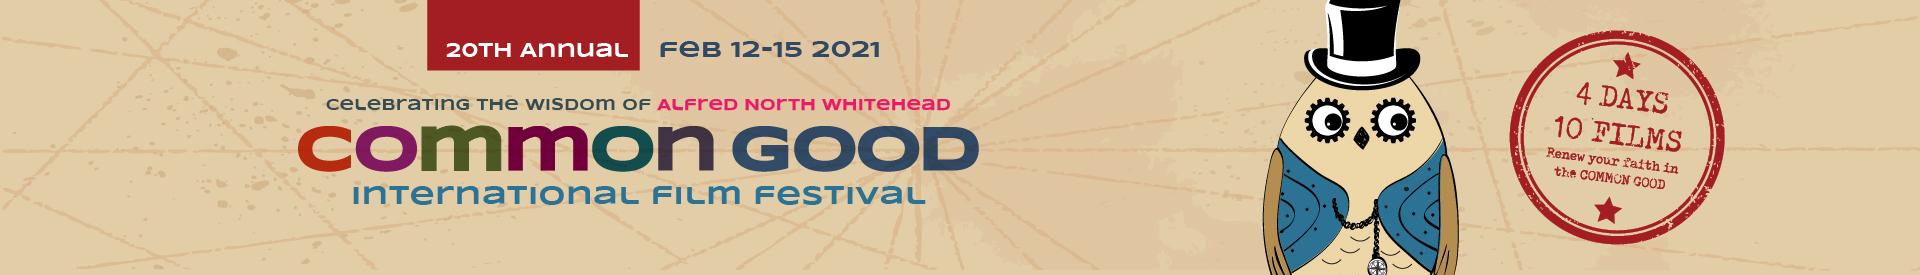 Common Good International Film Festival